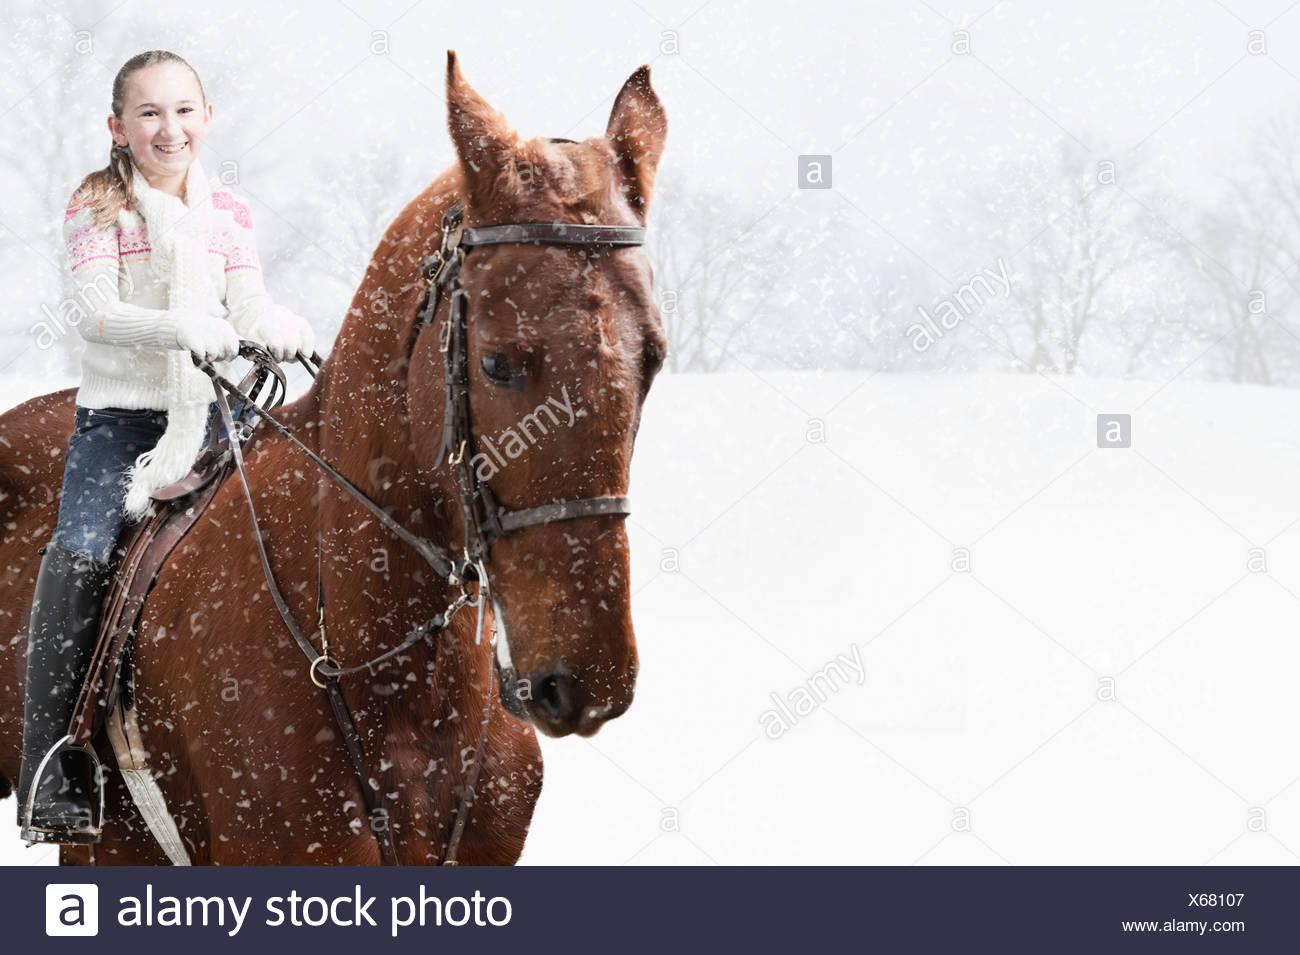 Estados Unidos, Illinois, Metamora, sonriente chica (10-11) en caballo durante el invierno Foto de stock